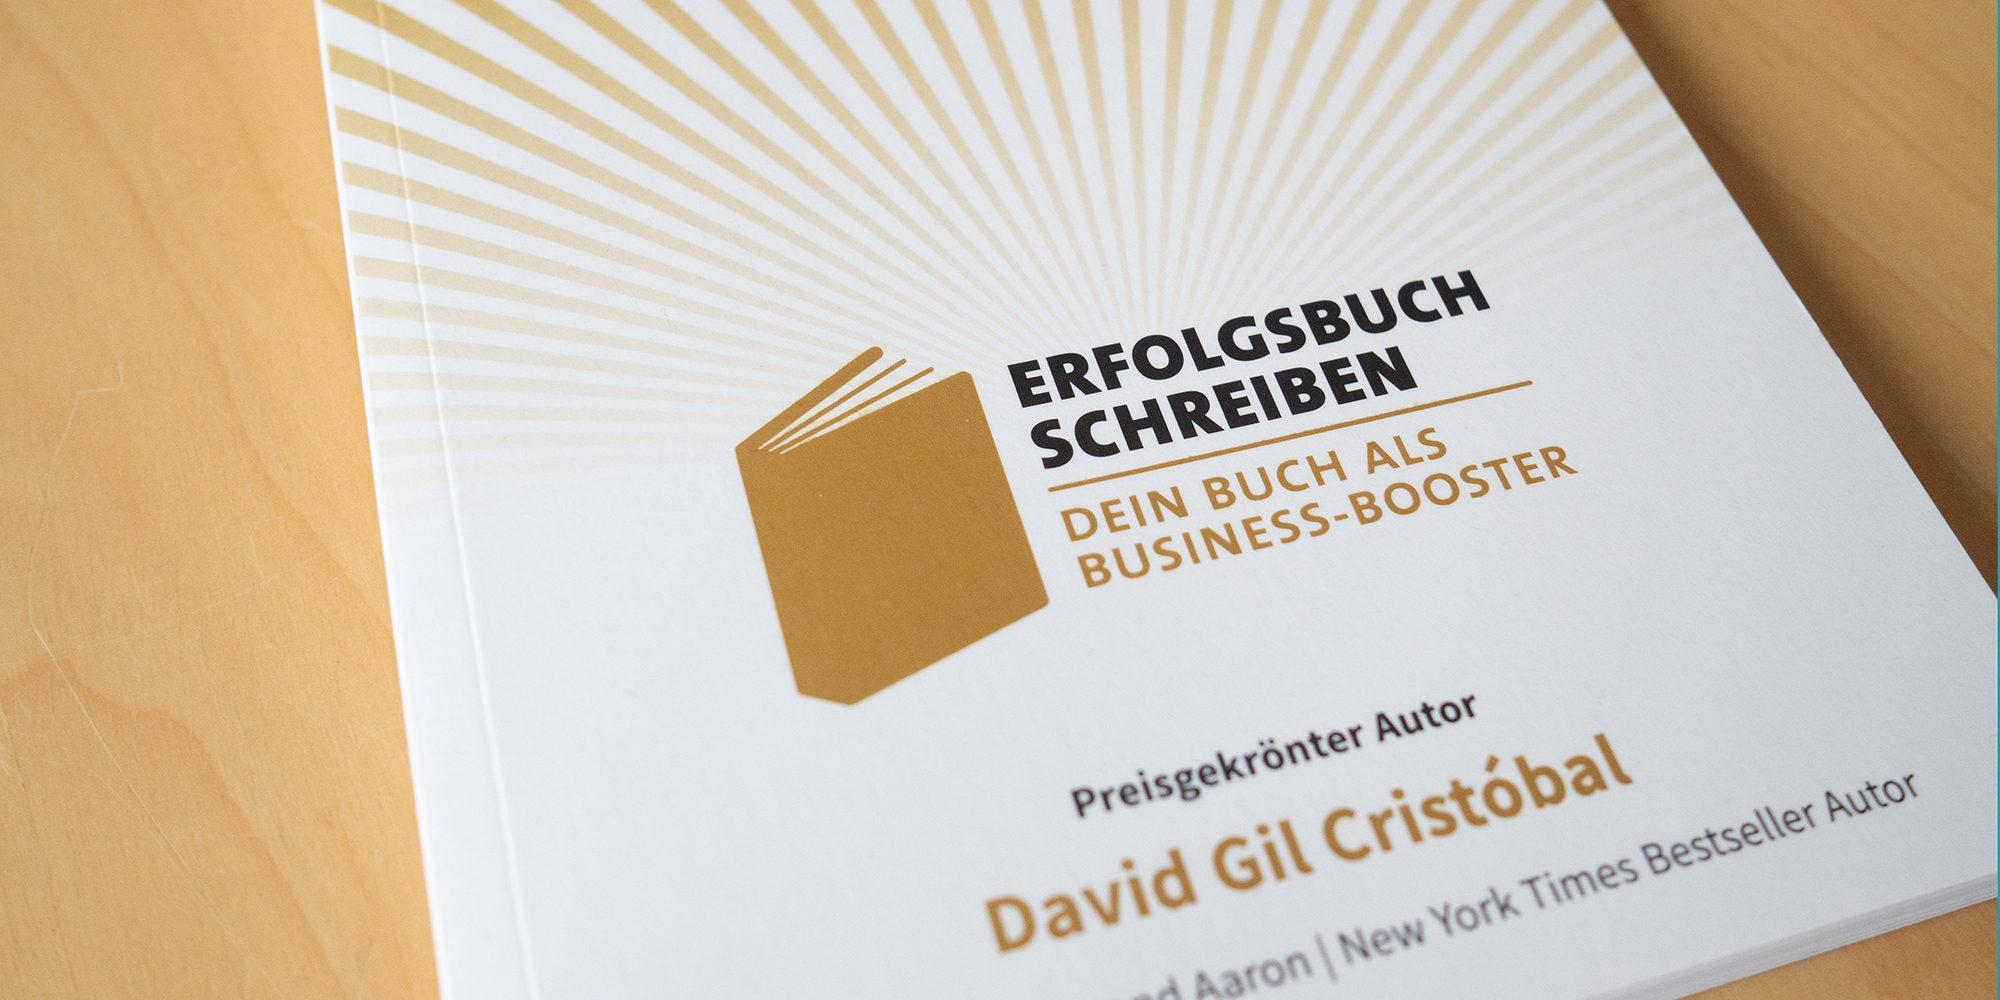 Dein Buch als Business-Booster